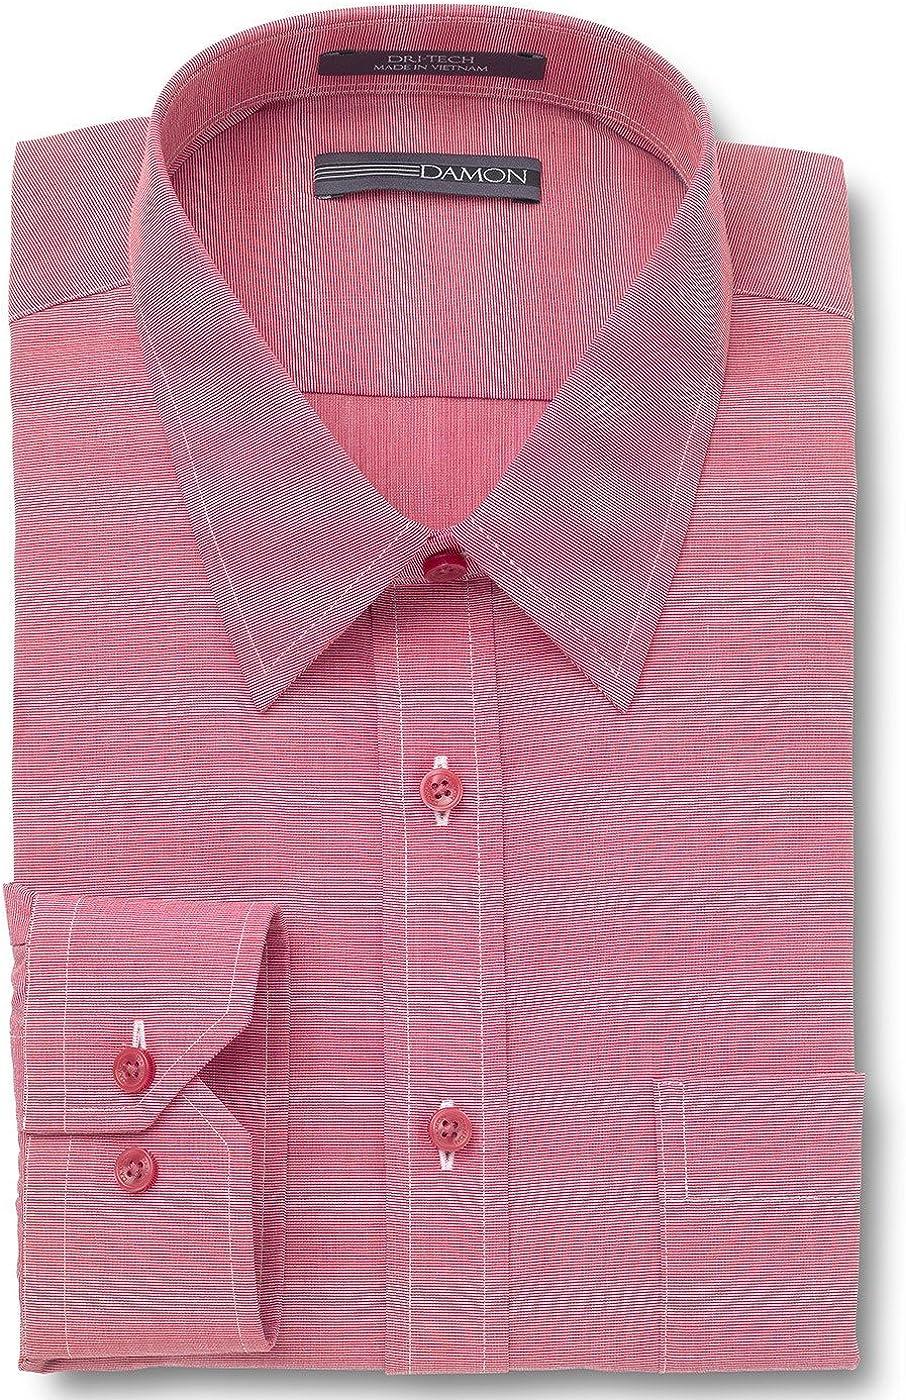 Damon Savannah Year-end gift Poplin Point Collar Shirt Sale Dress